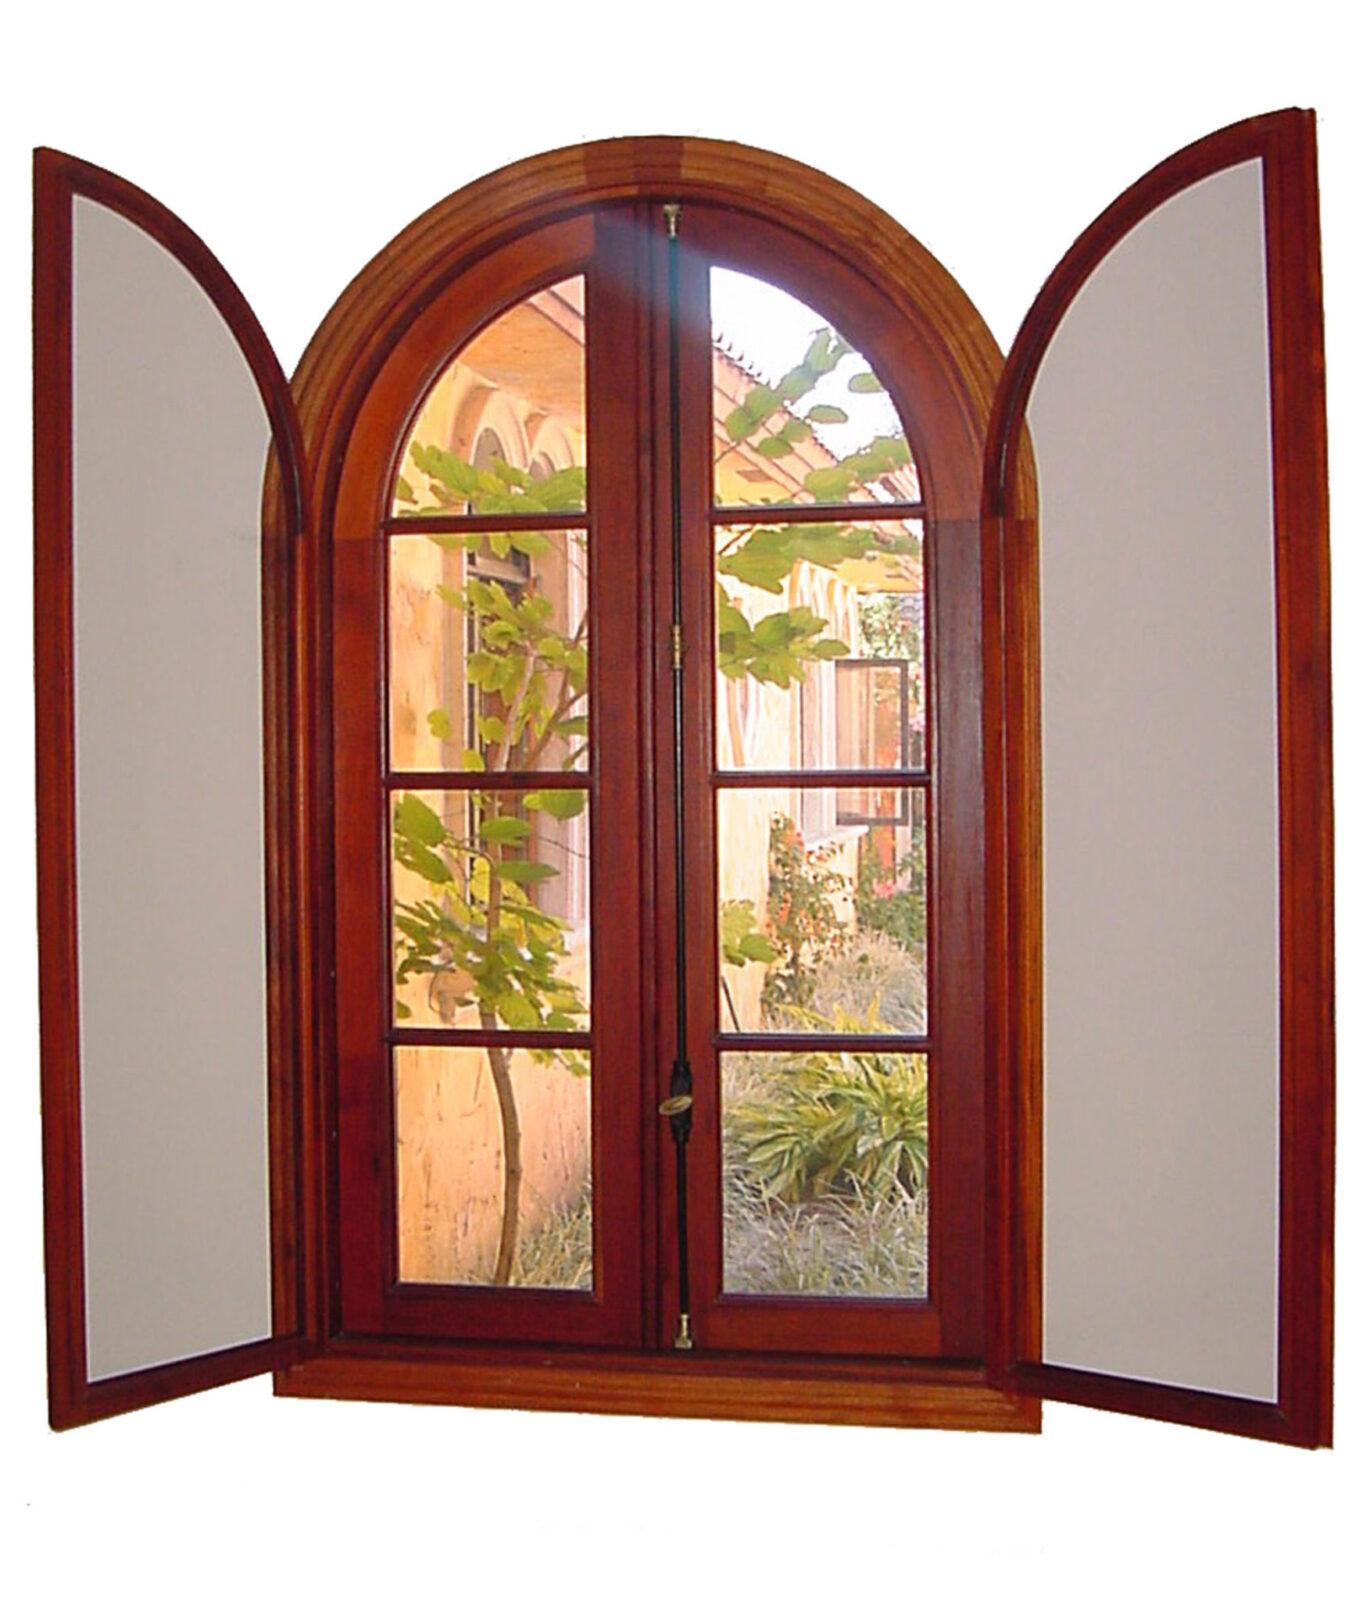 SANTA FE CASEMENT WINDOWS